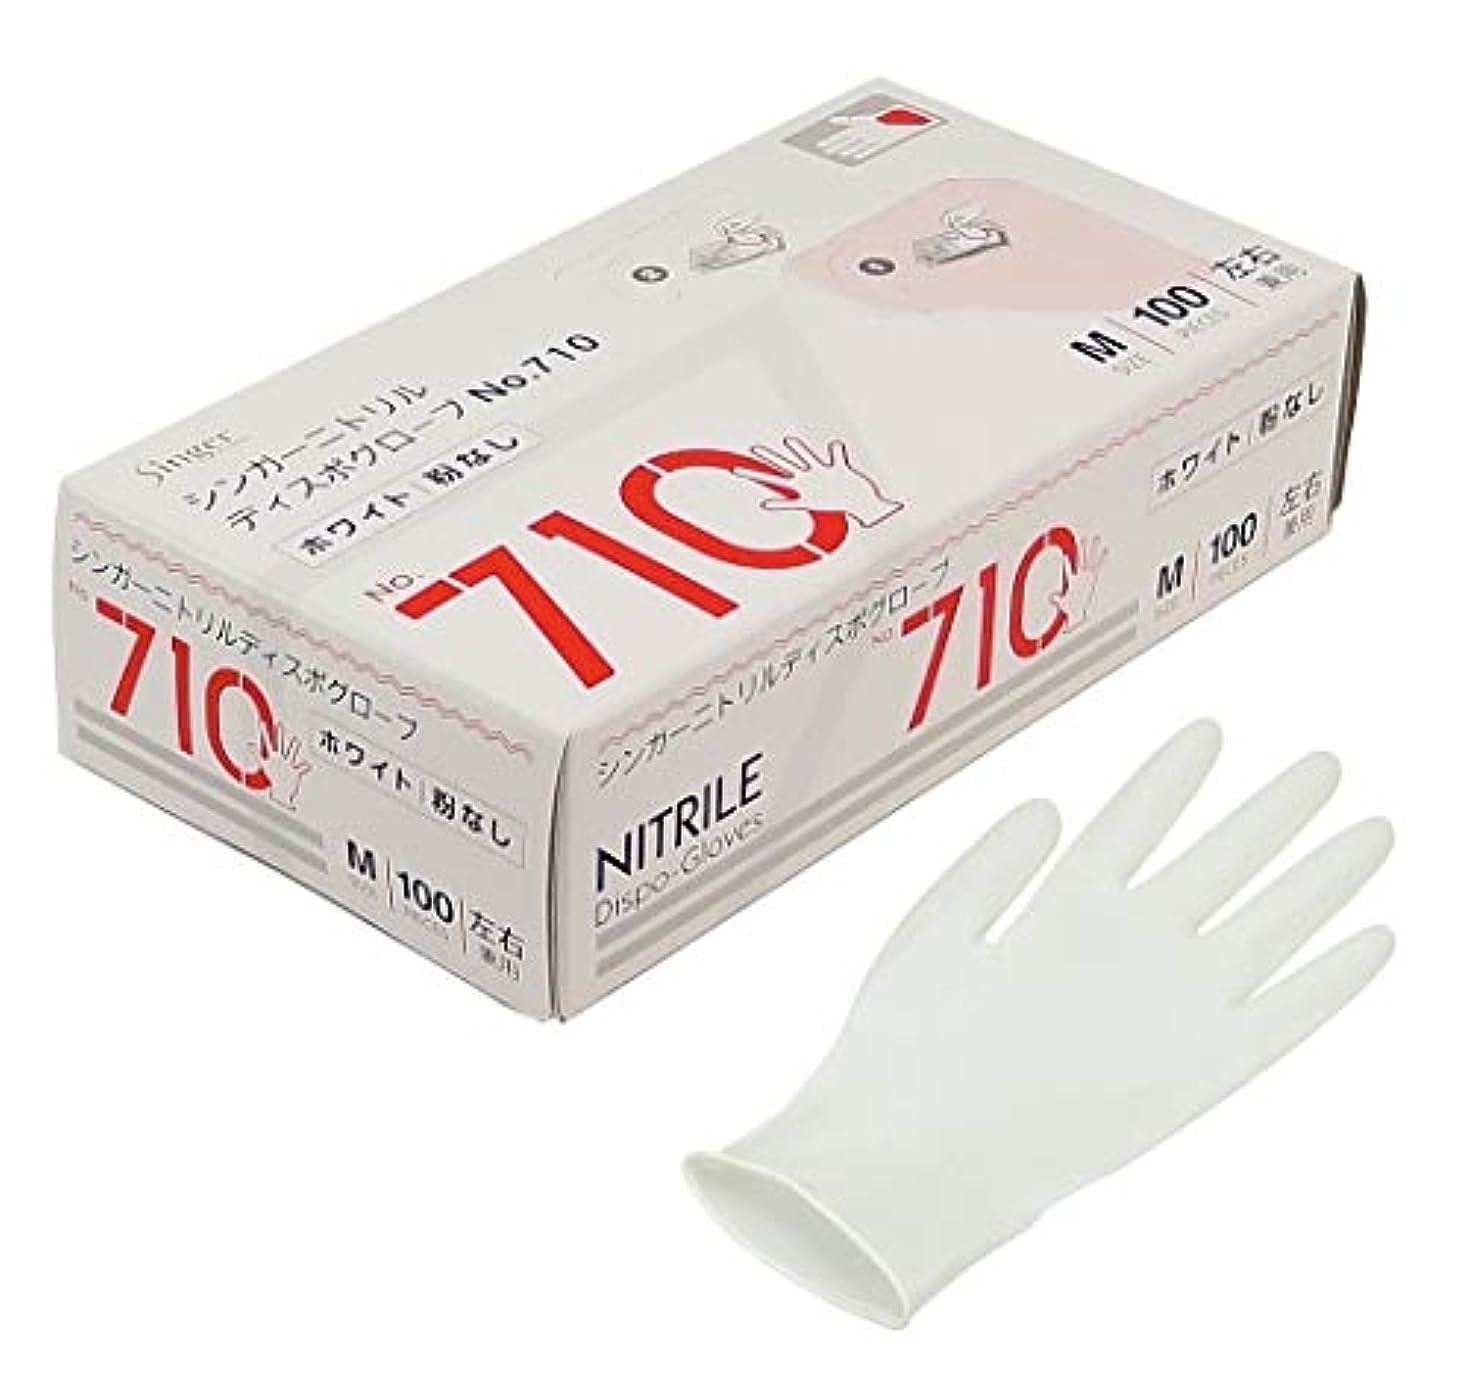 シンガー ニトリルディスポグローブ(手袋) No.710 ホワイト パウダーフリー(100枚) M